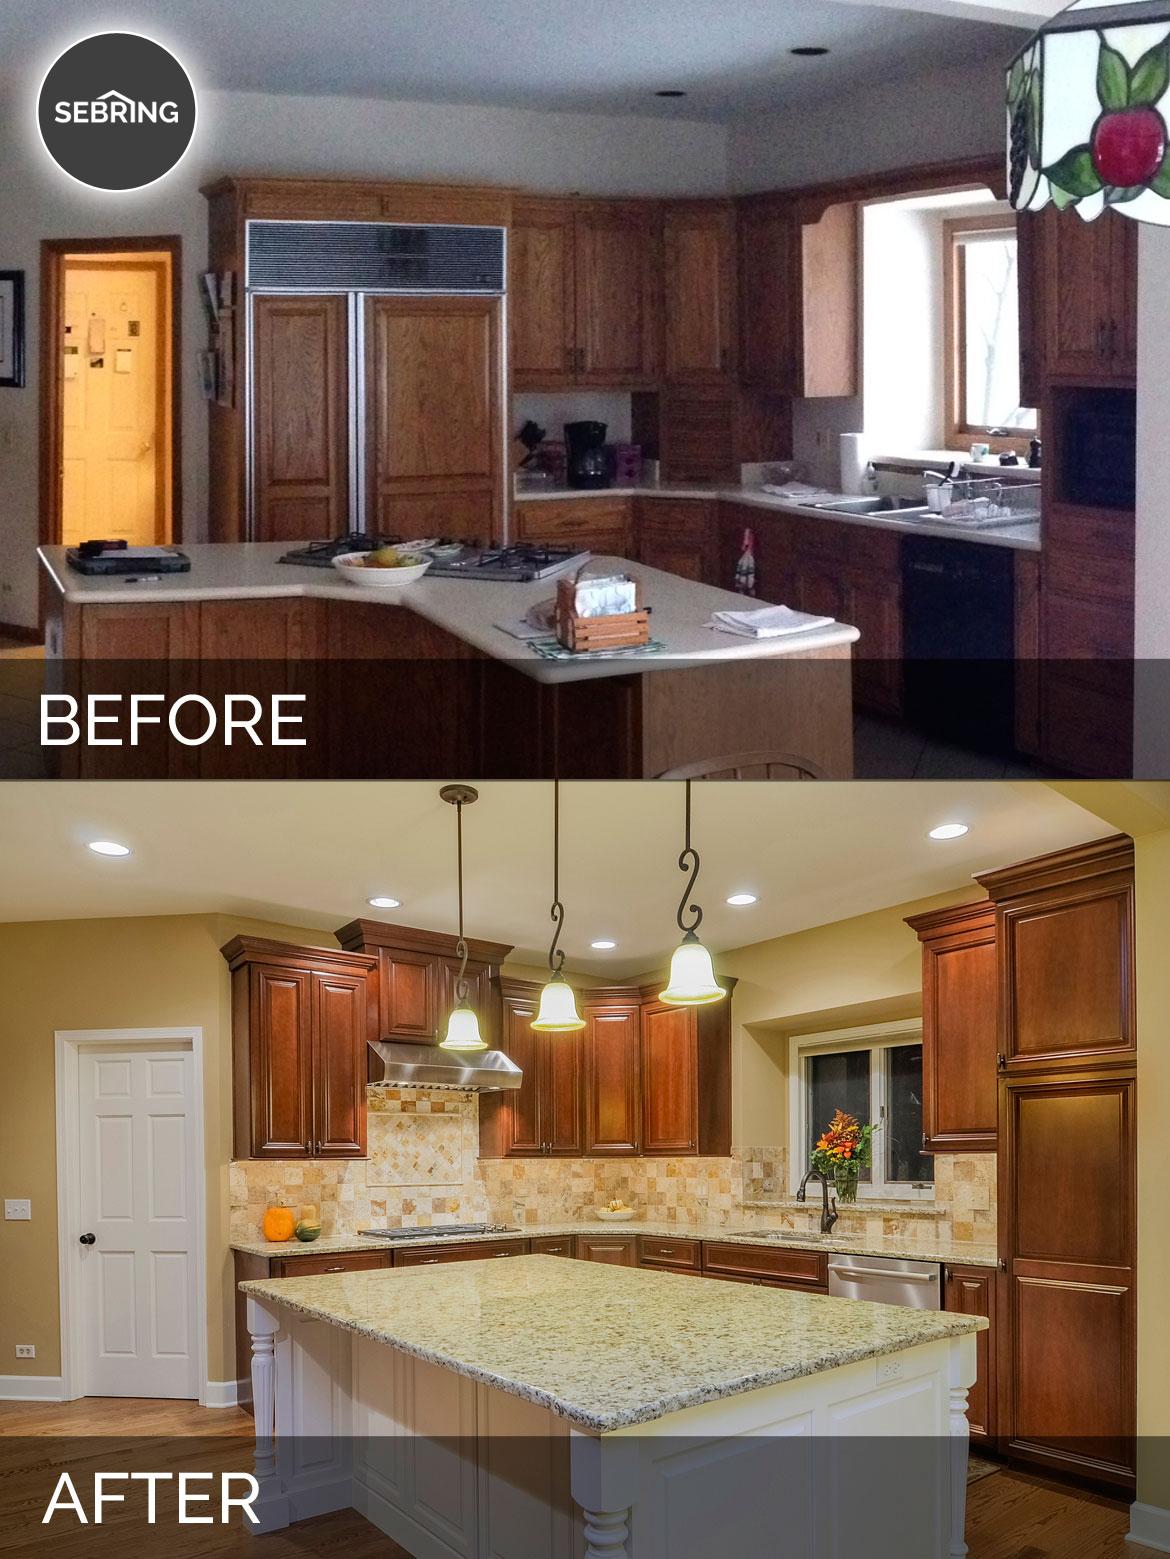 Bernard Karan 39 S Kitchen Before After Pictures Home Remodeling Contractors Sebring Design